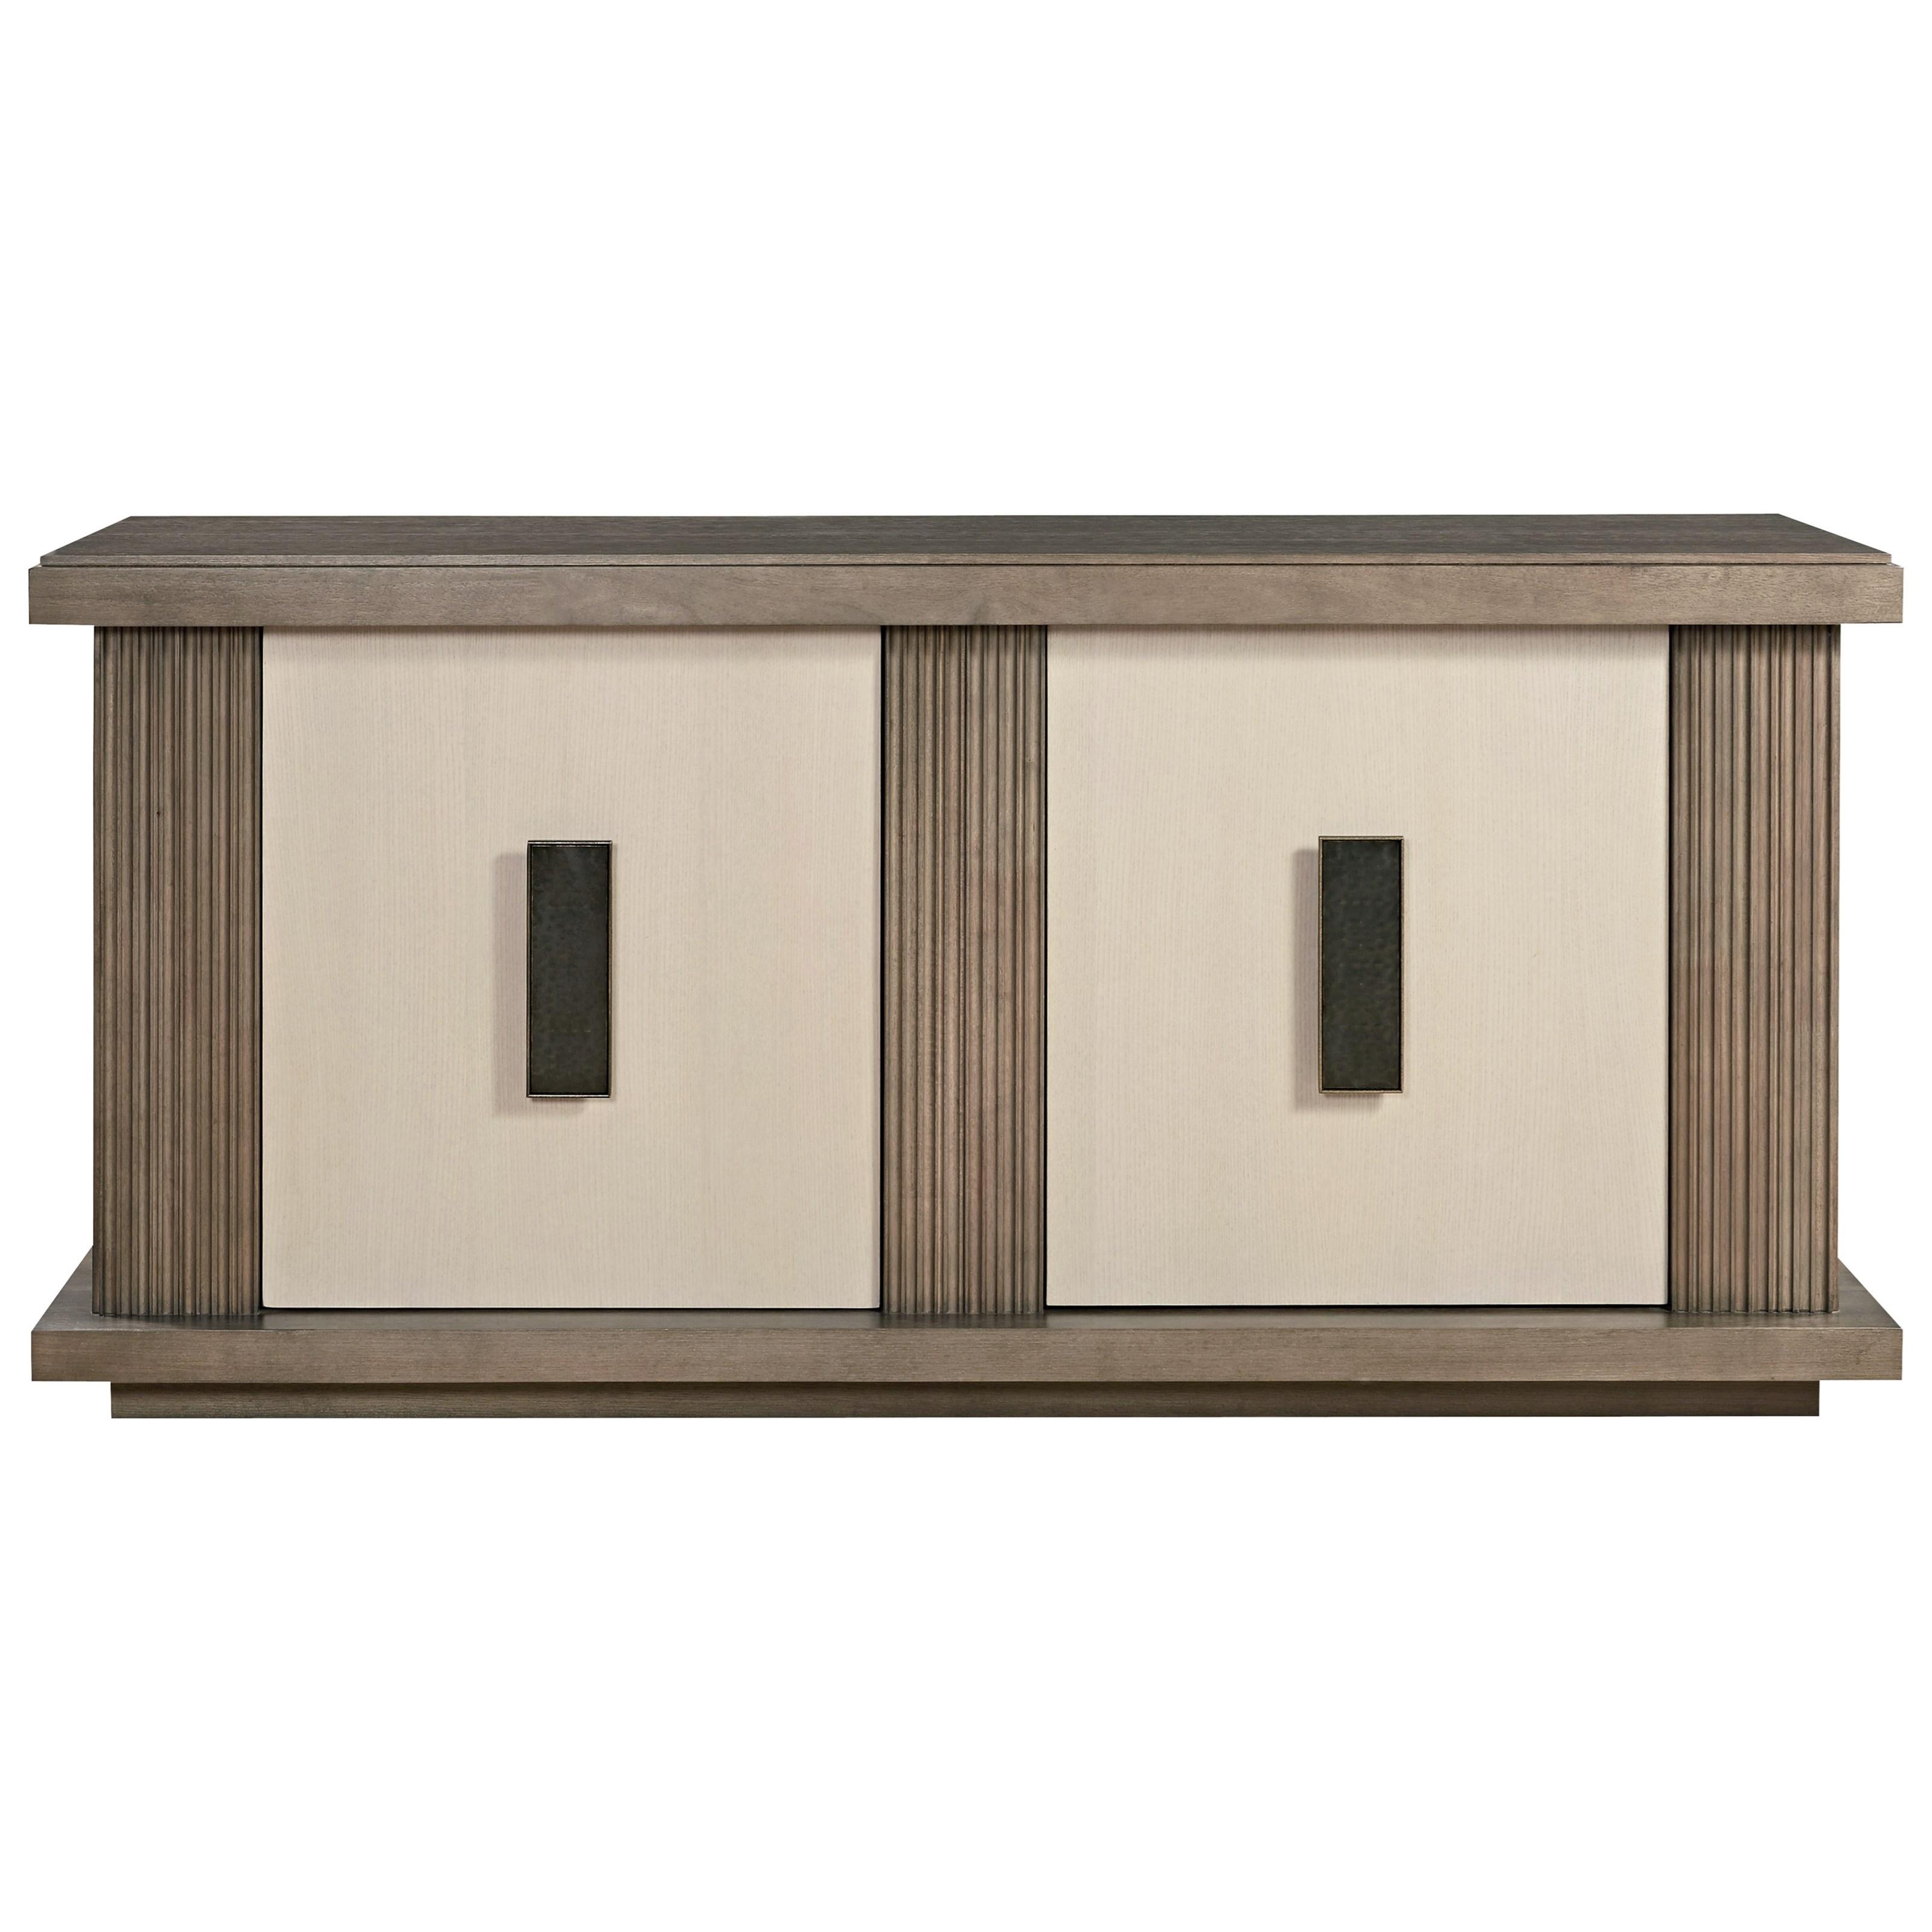 universal midcentury modern credenza with silverware storage baeru0027s furniture buffets